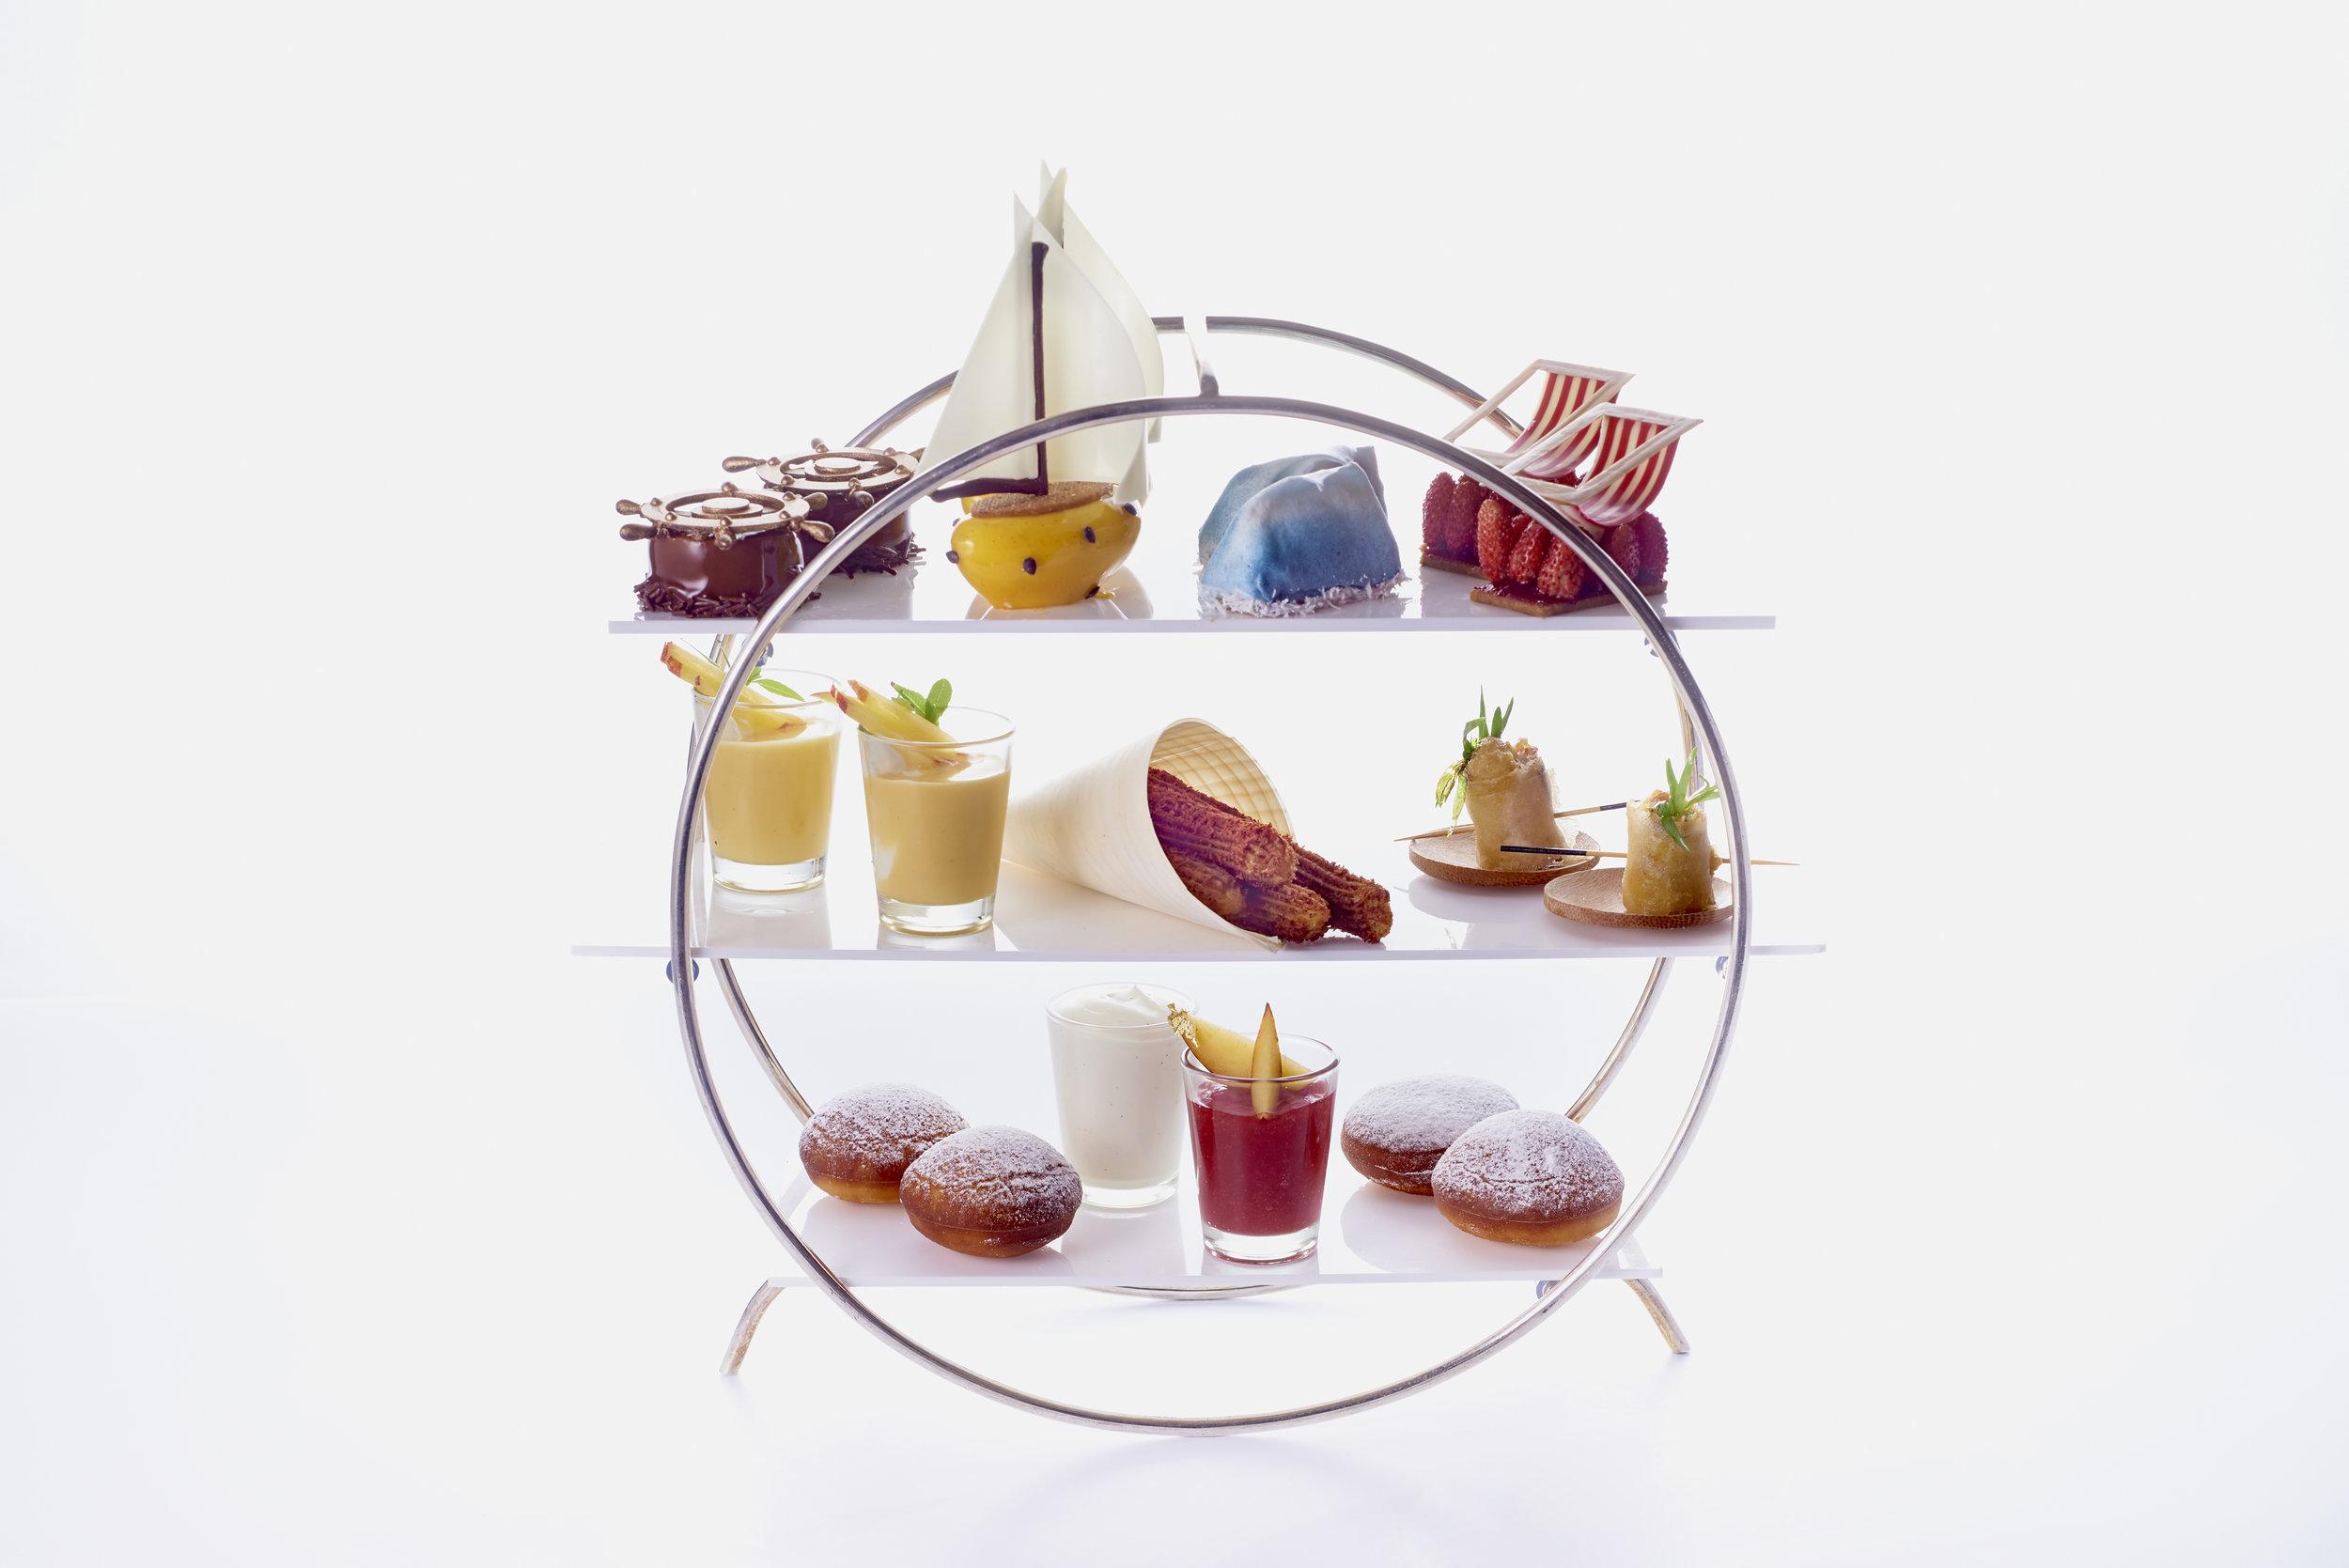 tea-time été jimmy mornet park hyatt paris-vendôme